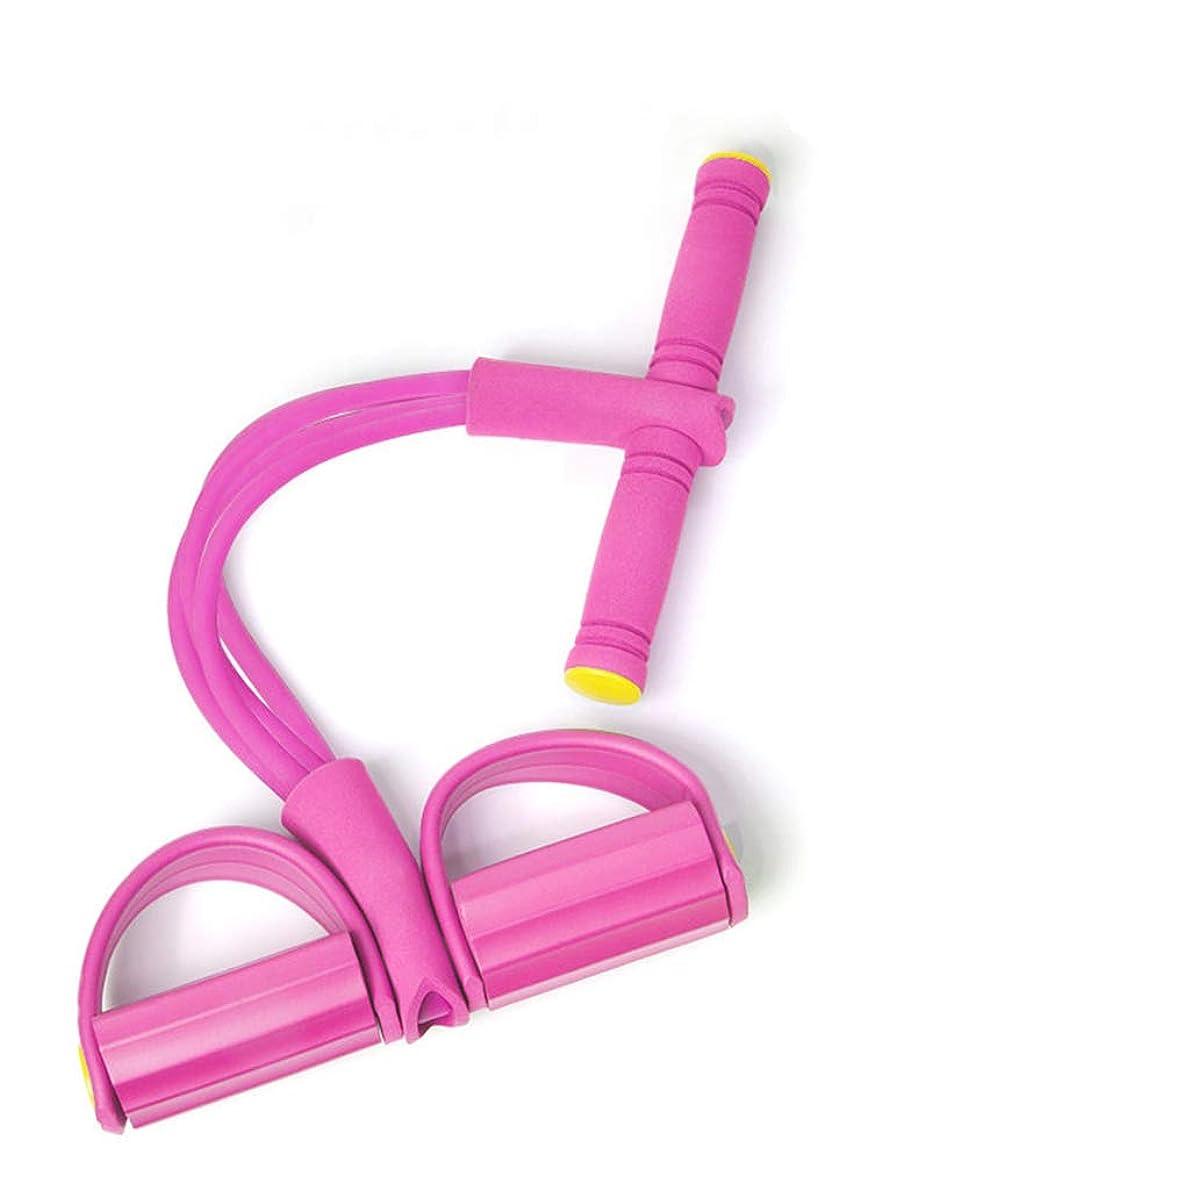 邪悪な非効率的なタイトル抵抗バンド装置シットアッププラー、減量ウエスト腹部ヨガトレーニング整形練習腕/脚/肩/腹部オフィスエクササイズ,Pink